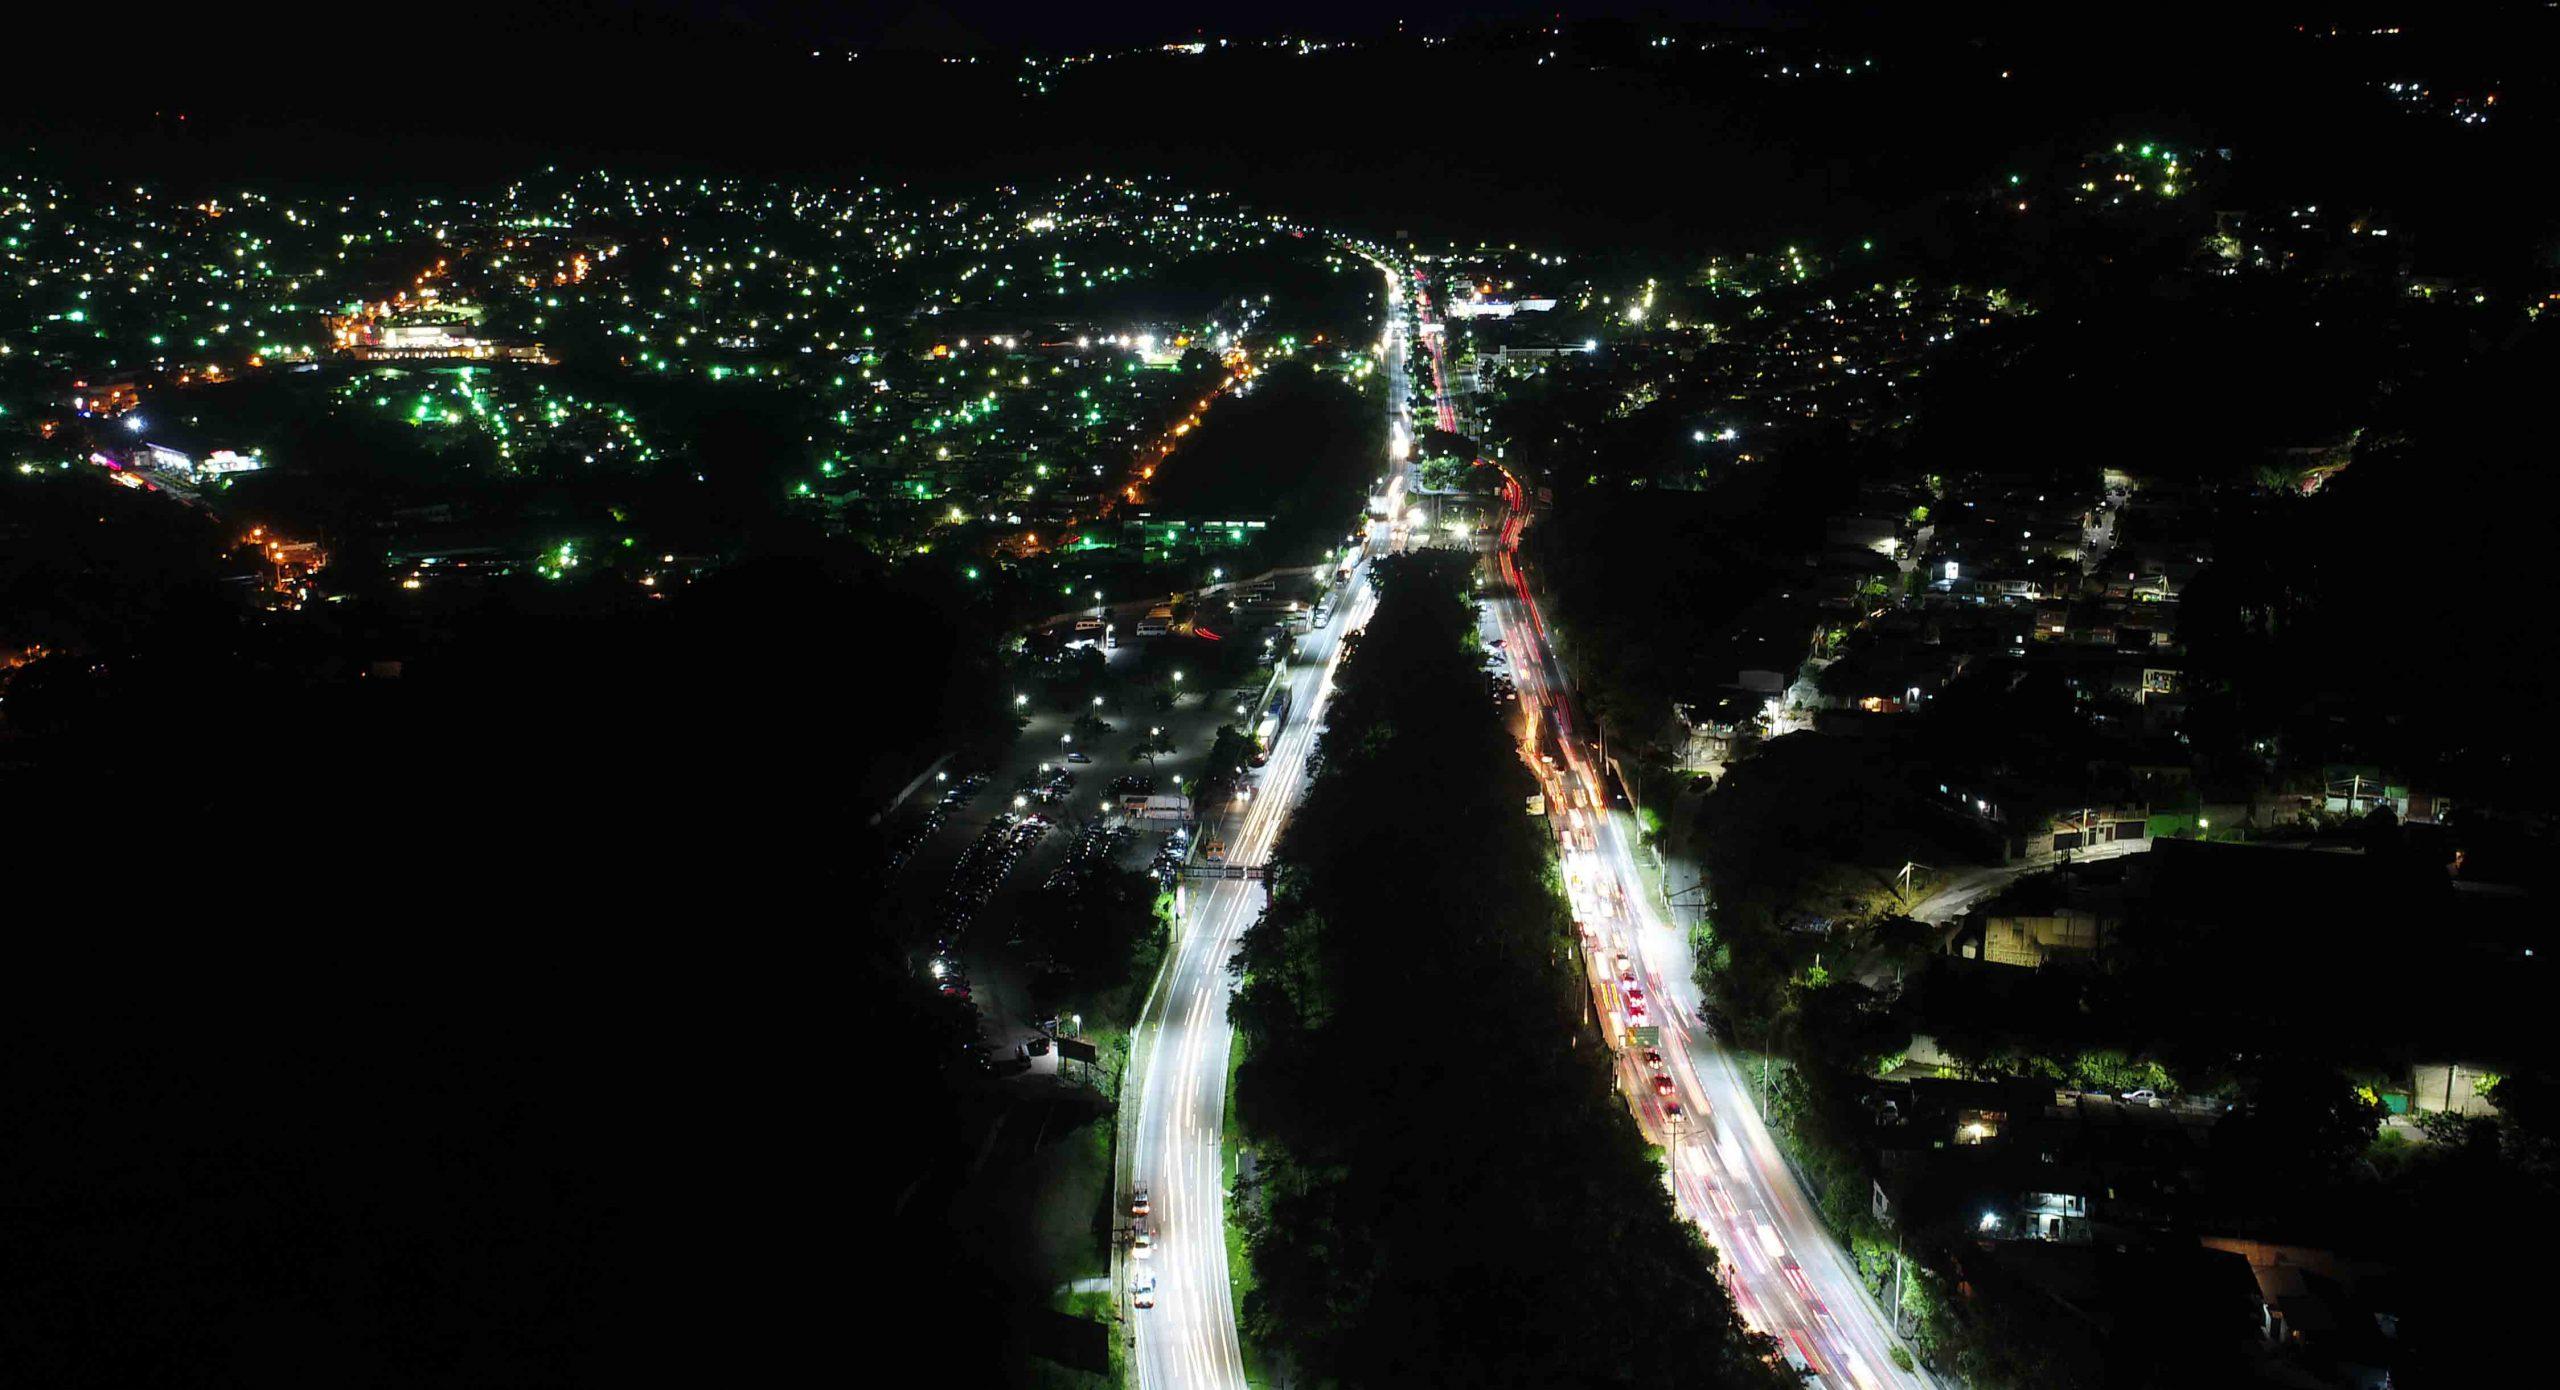 MOP entrega iluminación Carretera al Aeropuerto Internacional que será  Primera autopista inteligente de Centroamérica